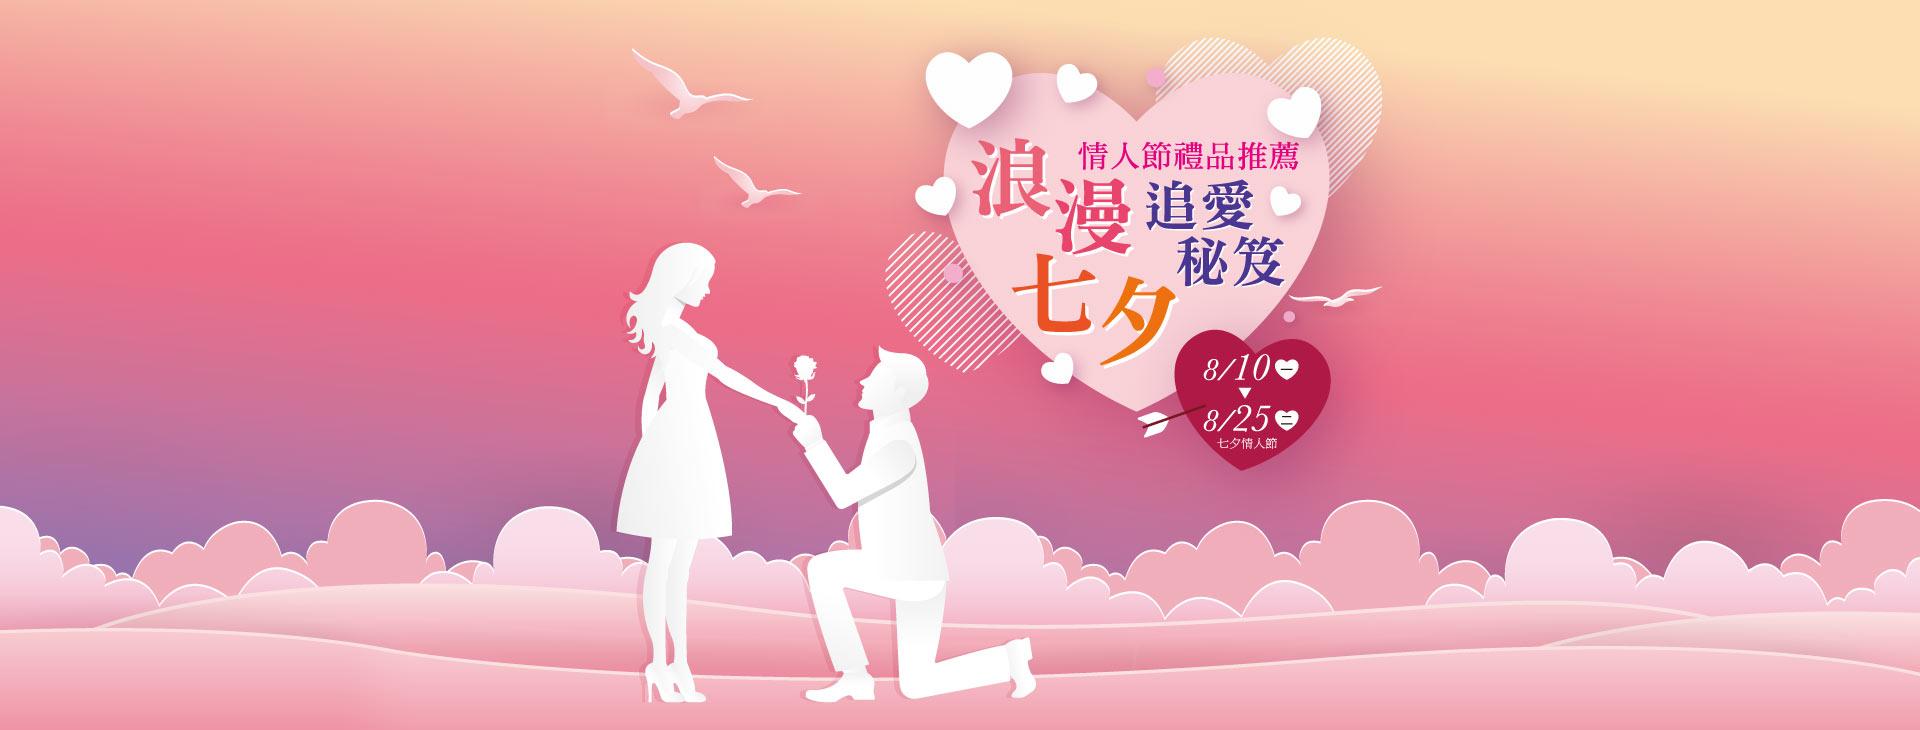 「浪漫七夕情人節」禮品推薦